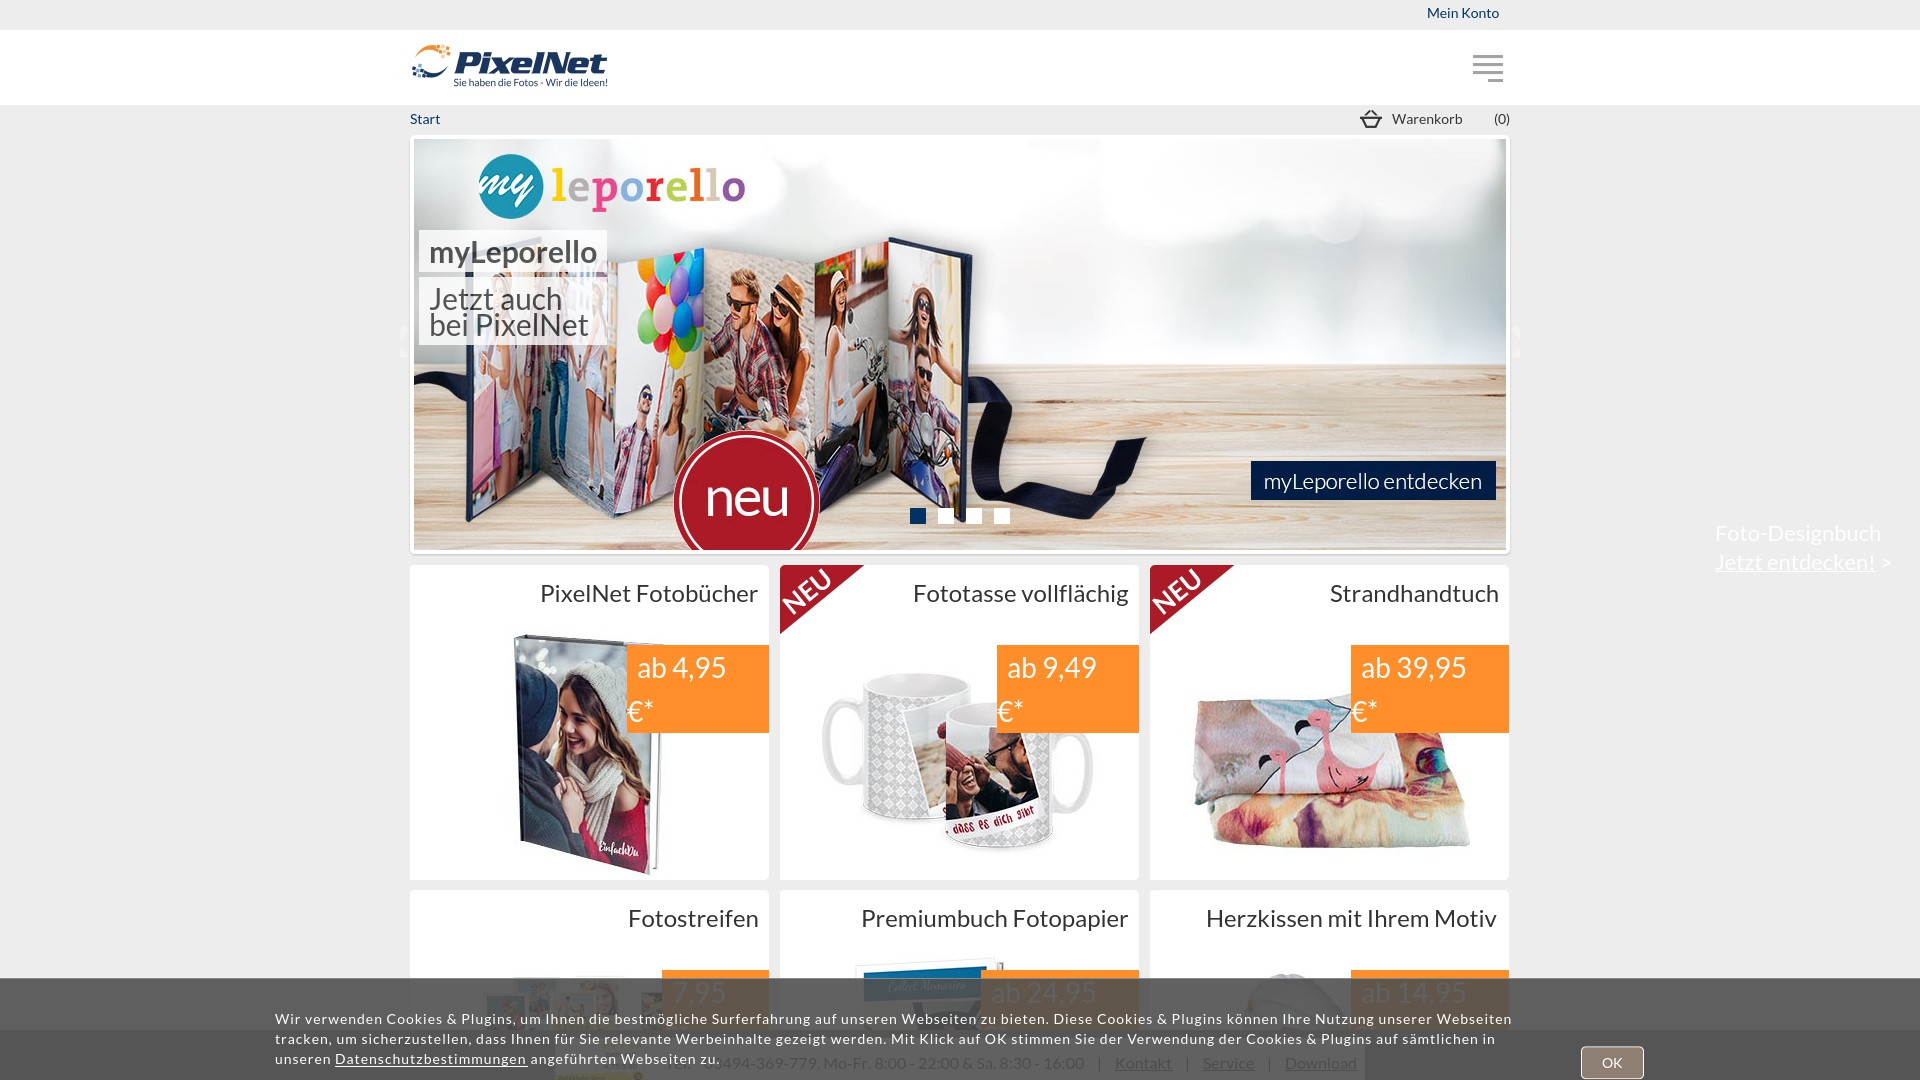 Gutschein für Pixelnet: Rabatte für  Pixelnet sichern